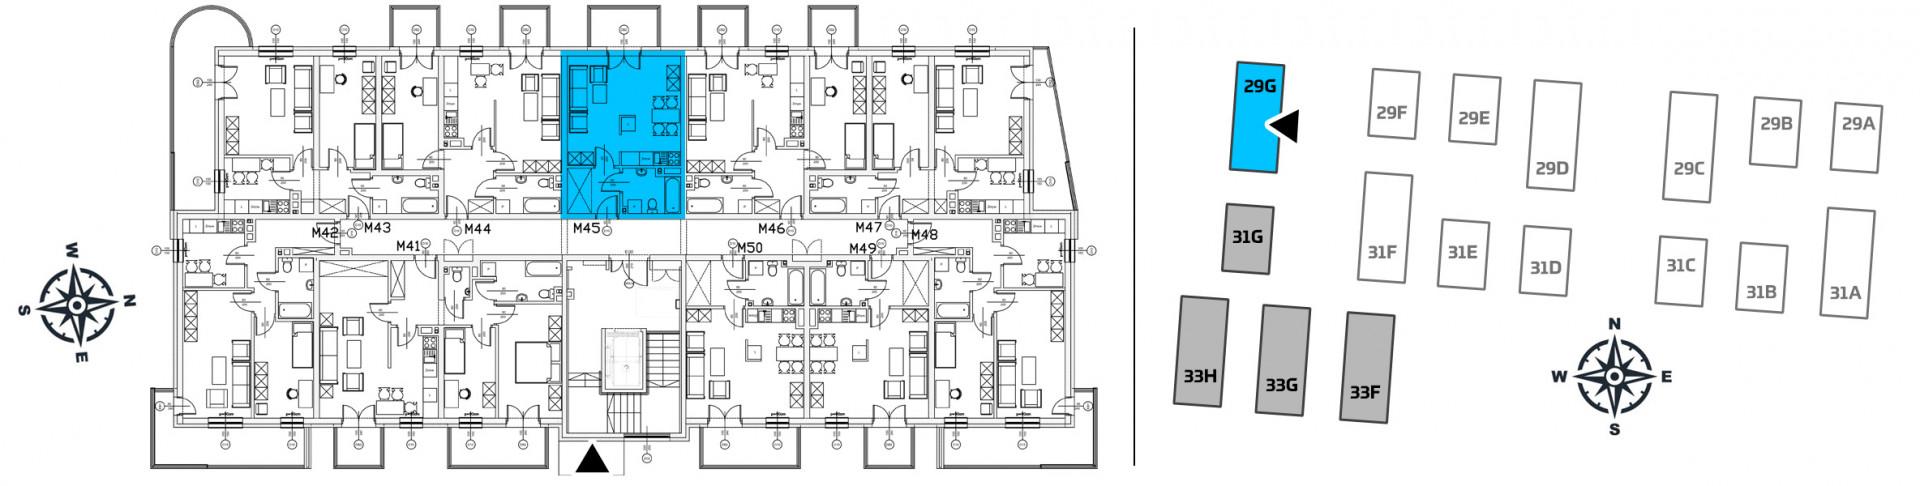 Mieszkanie jednopokojowe 29G/45 rzut 2